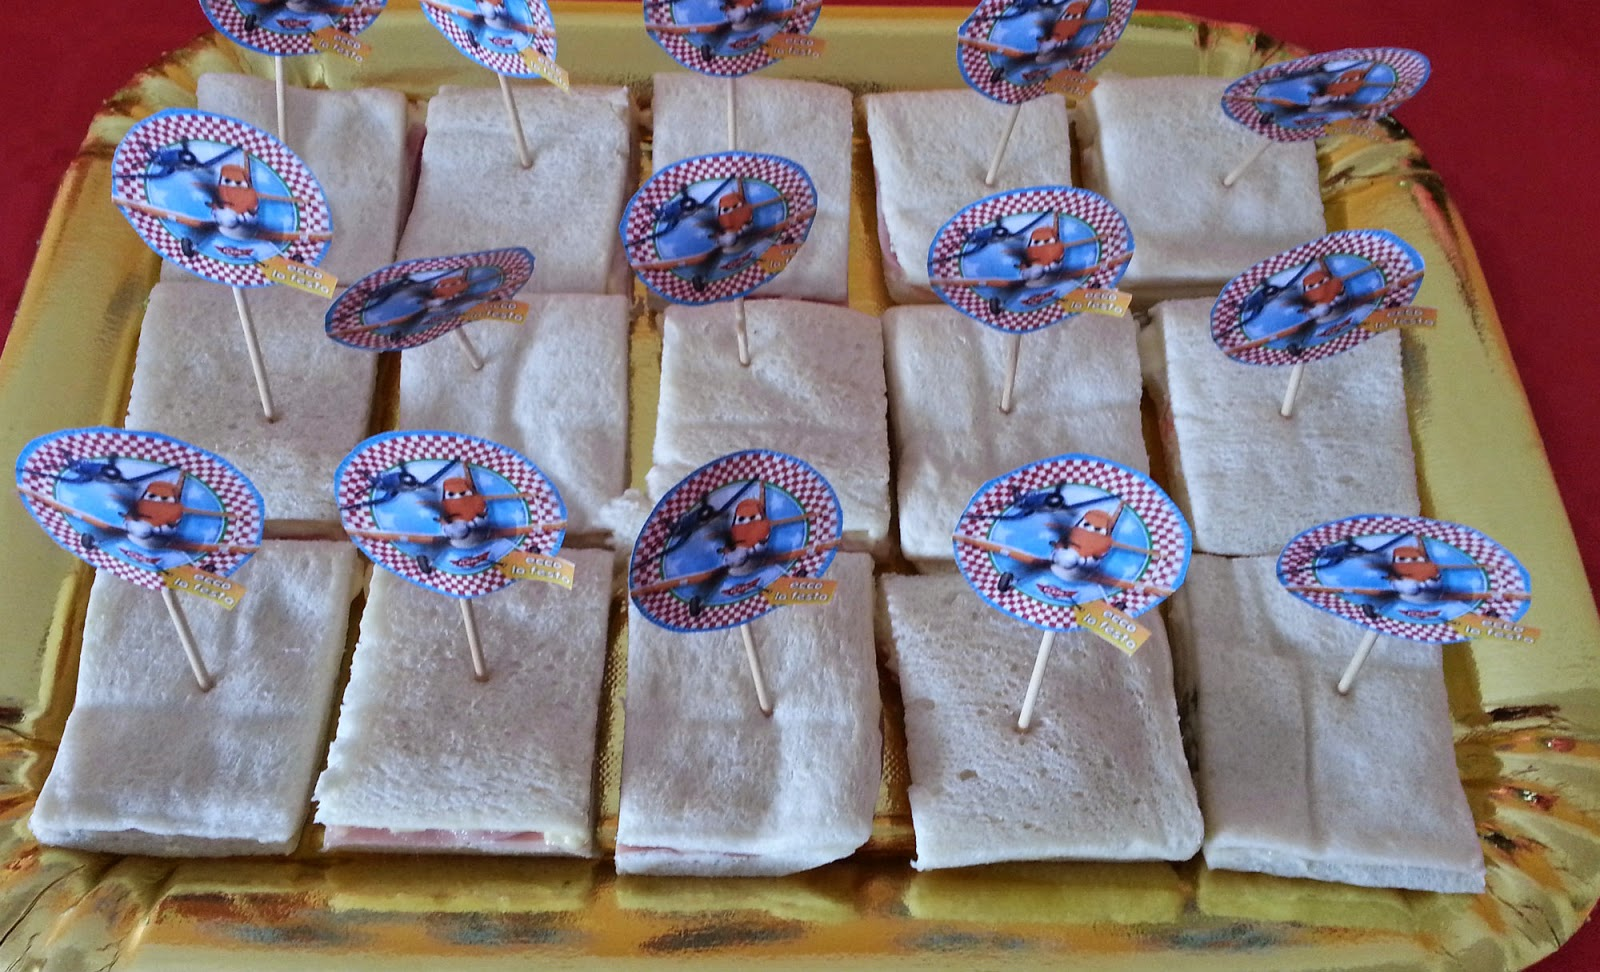 Mezzogiorno Di Cuoco Bruchino Tramezzino Per Una Festa Di